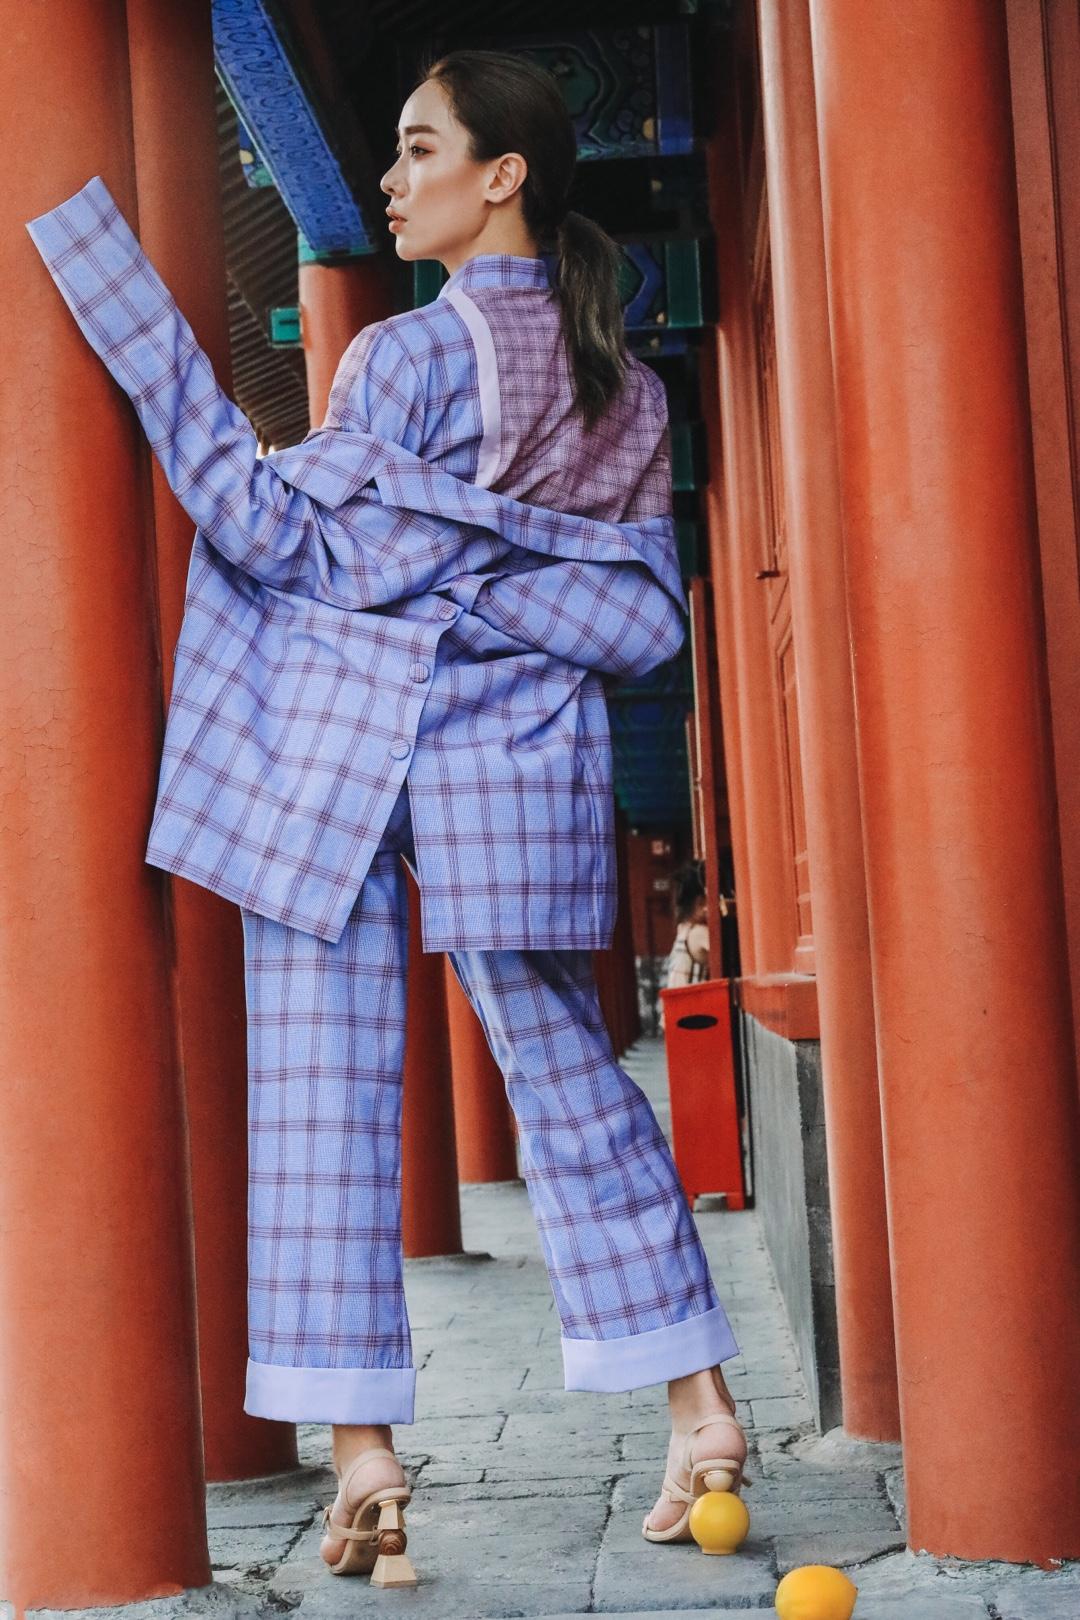 """我理解的时尚,就是通过某种东西来宣示你的潮流姿态,才是最""""绝顶""""的时尚的表达。[米奇比心]今天,""""彤哥""""把🍋lemon🍋的诱惑气息留在脚步间,无论走到哪里,都带着夏日的光芒![微风][微风][微风](很喜欢这组创作)  PS:💜💜💜&💛💛💛 鞋子: JACQUEMUS 西装套装/衬衫: ANKIMEKI #宫崎骏治愈风穿上身~#"""